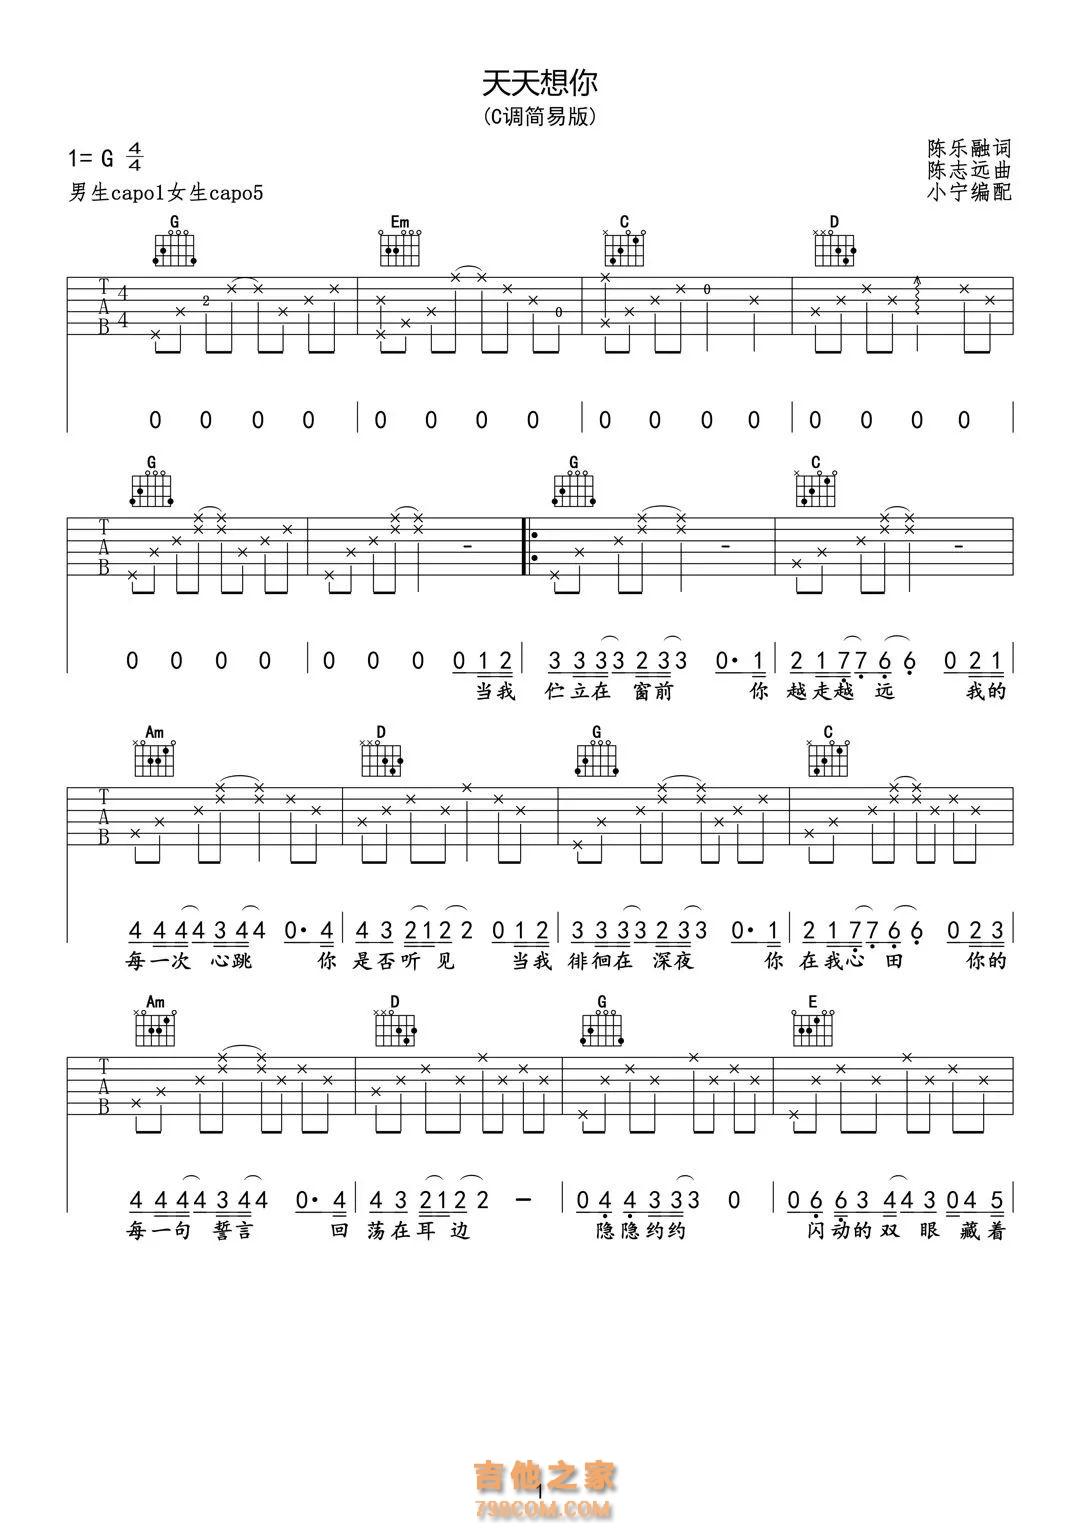 天天想你吉他谱教学_[经典老歌]张雨生《天天想你》吉他谱C调简易版 小宁吉他 - C调 ...